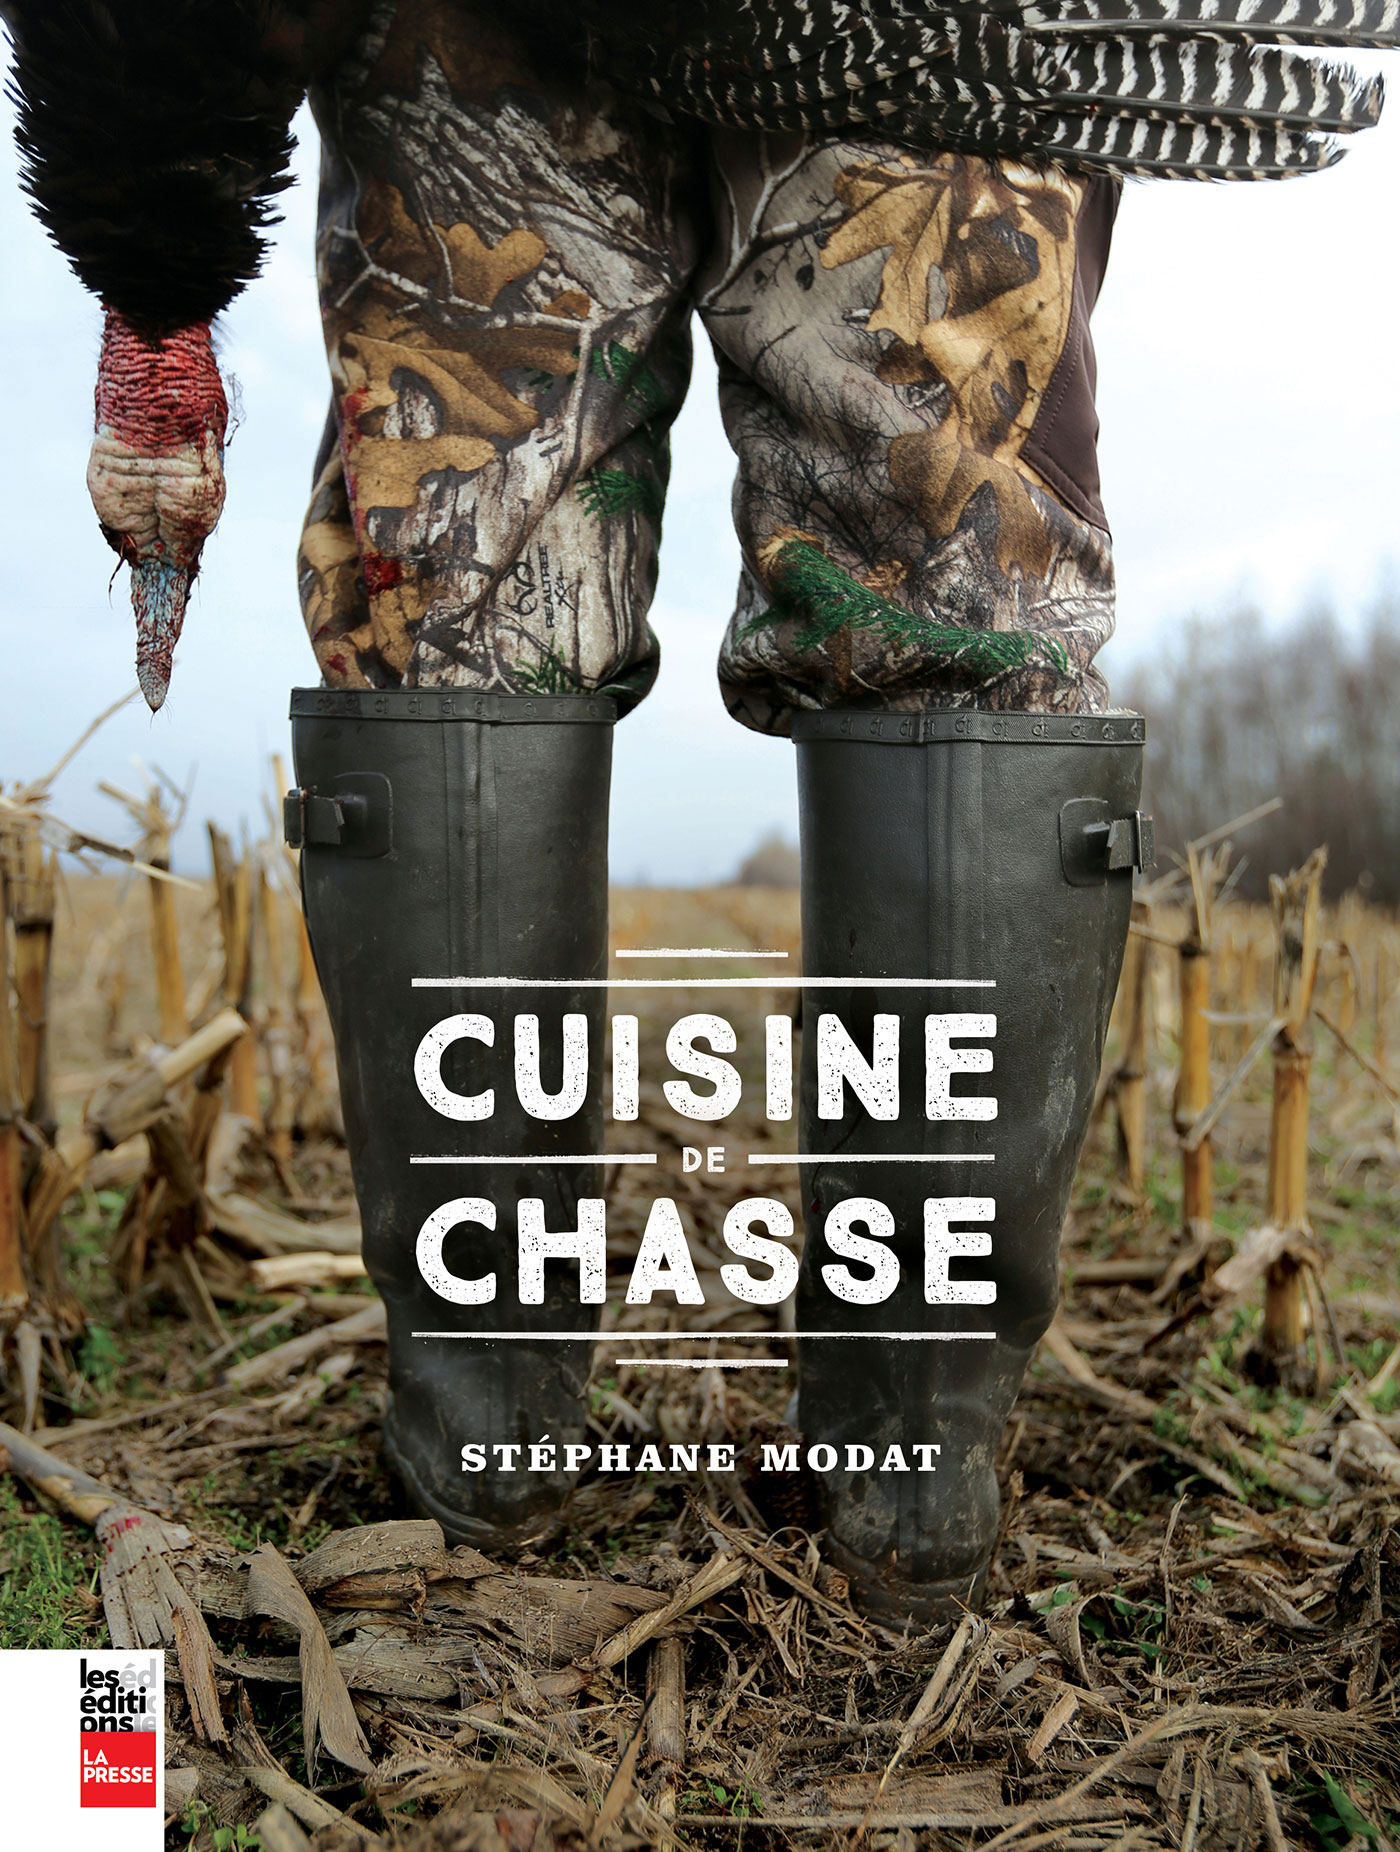 Cuisine de chasse